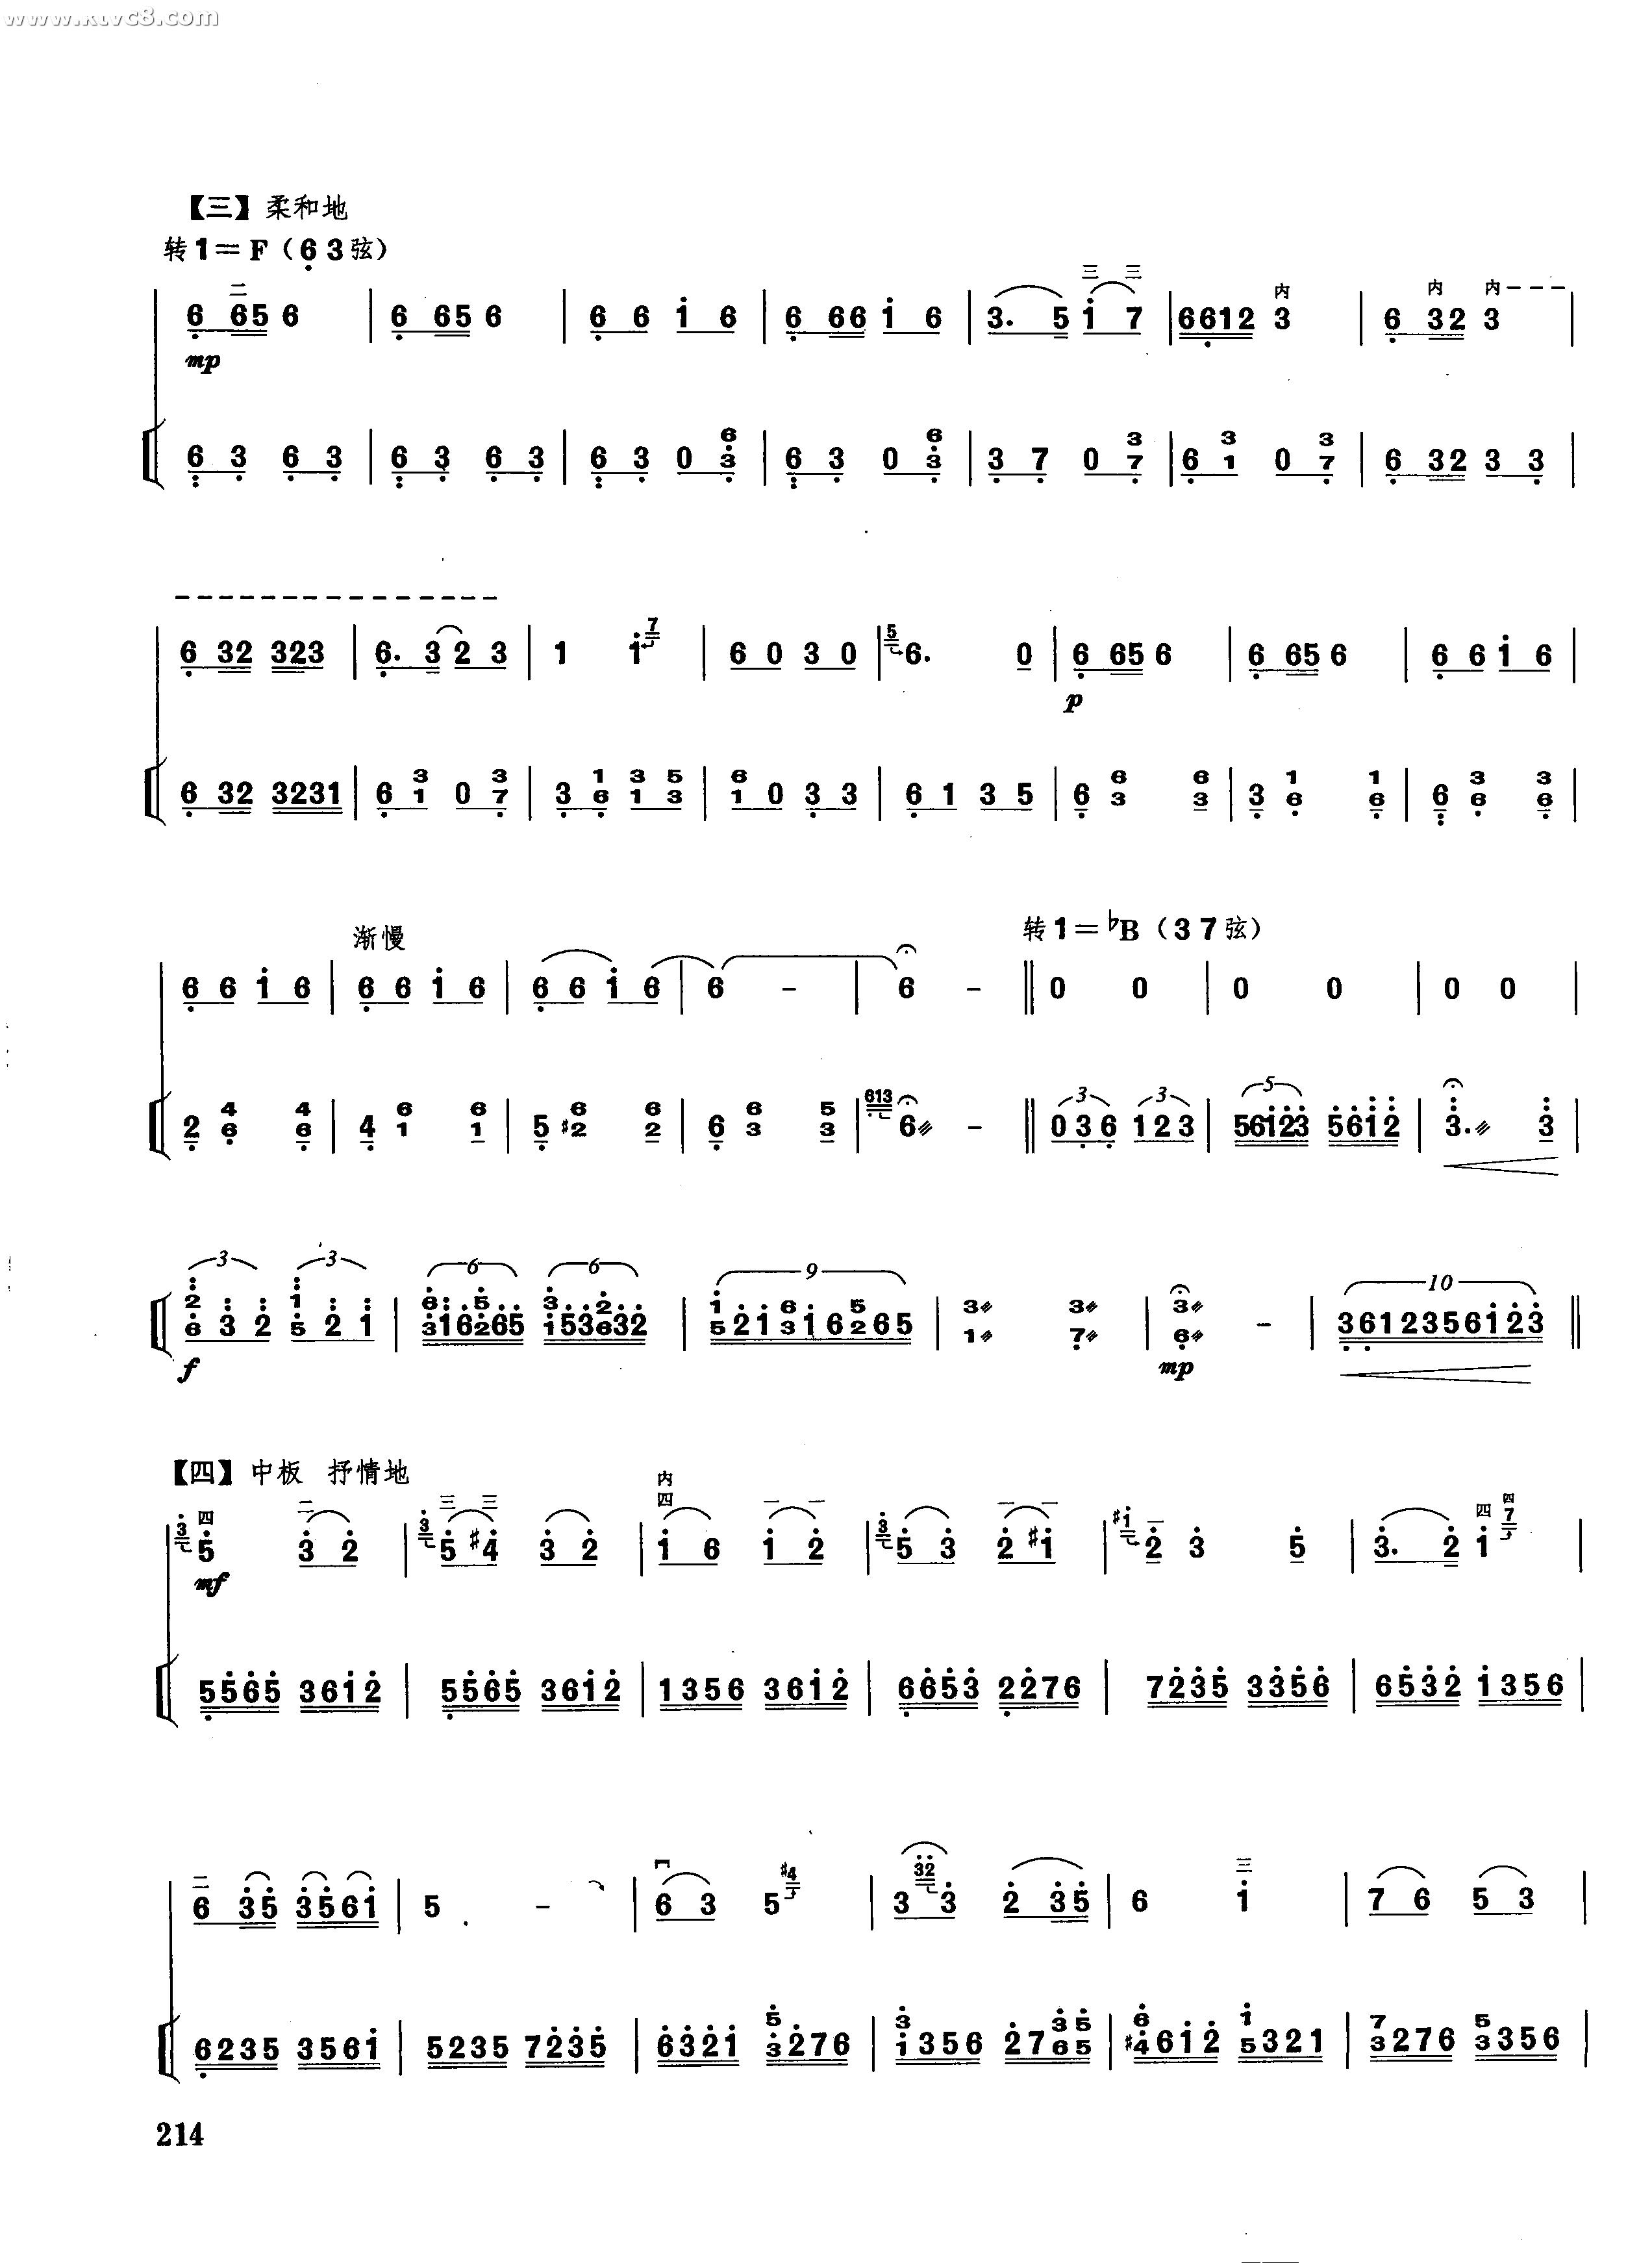 求二胡三门峡畅想曲简谱,是二胡独奏的,要图片清晰地可以打印的.